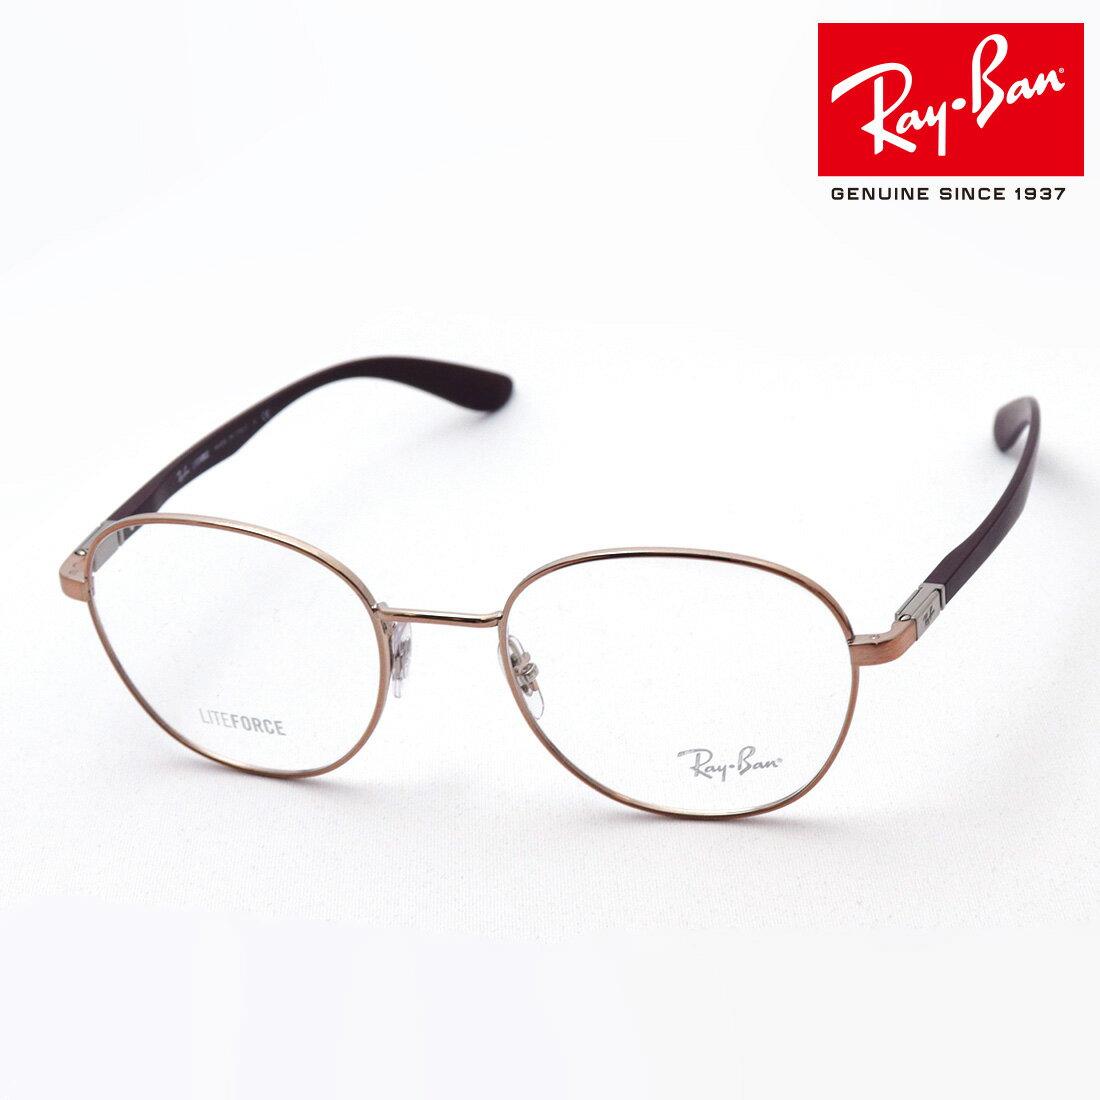 眼鏡・サングラス, 眼鏡 NewModel Ray-Ban RX6461 2943 RayBan Made In Italy